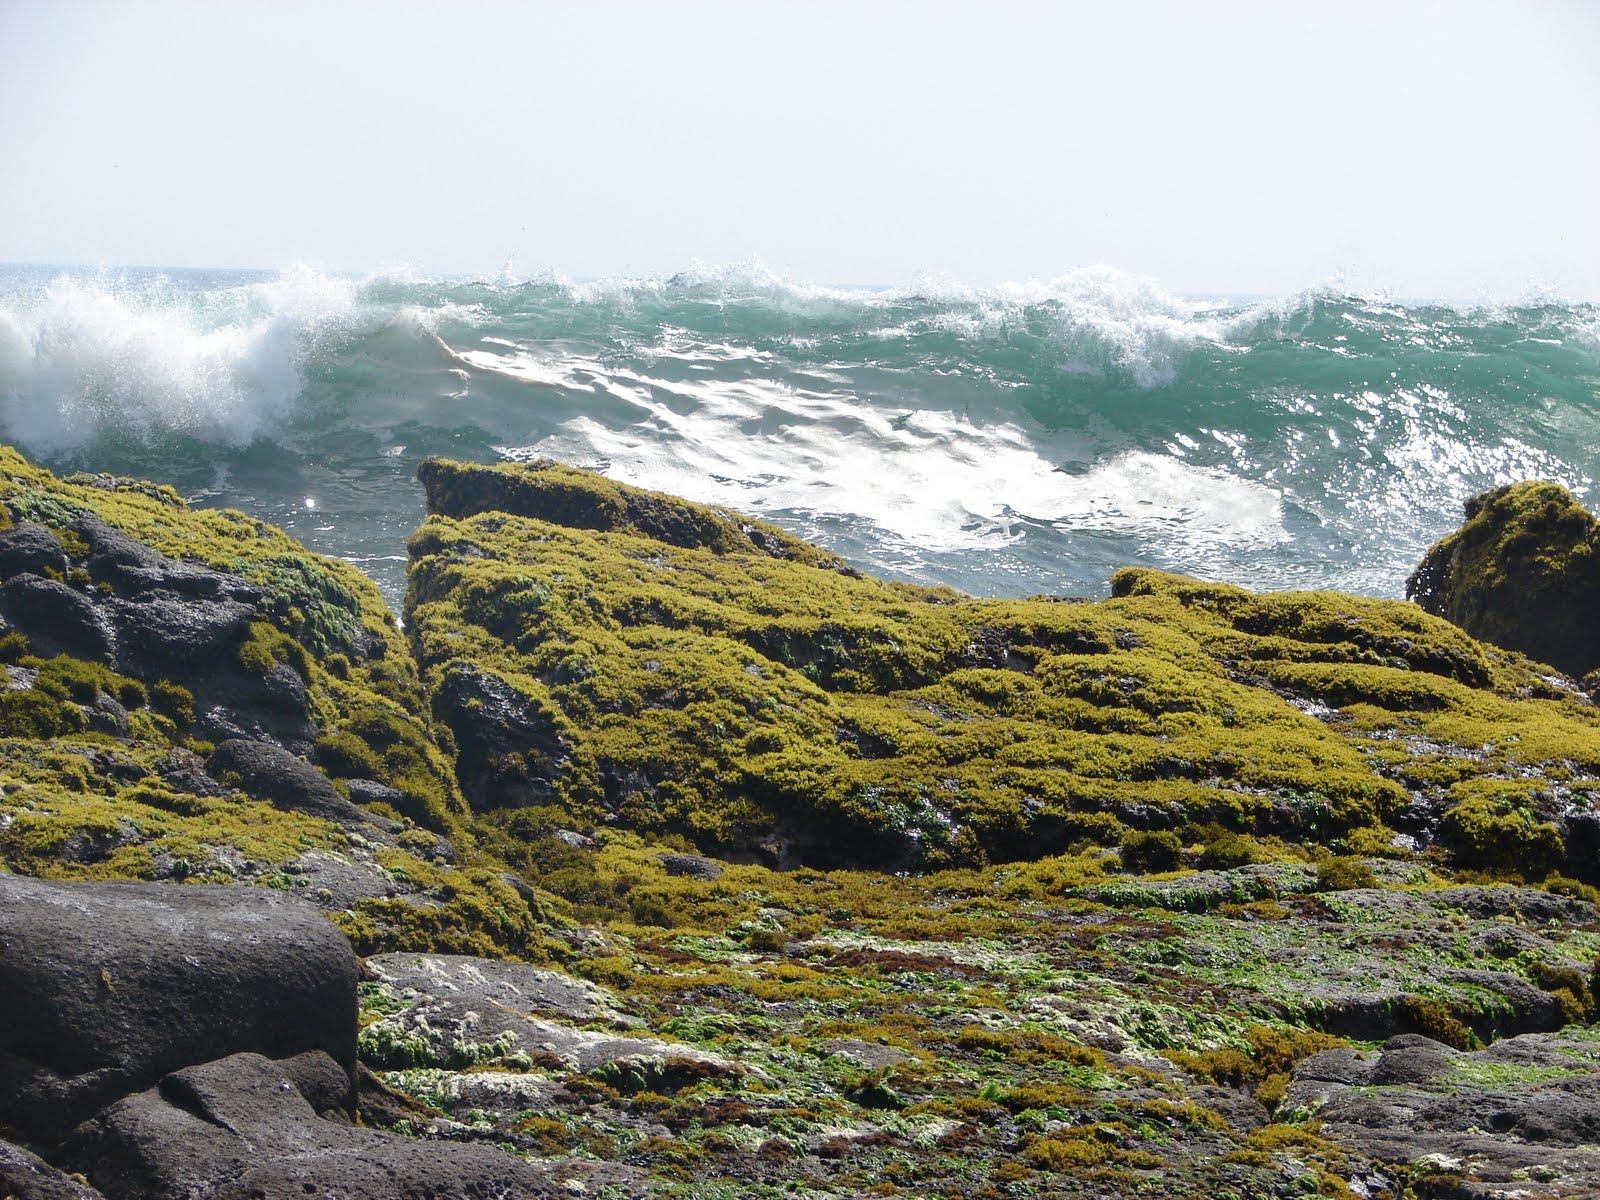 30-octubre-31...2011 nuevas,fotos,playa ,Hornillos, Rebeca, Mar, SOL, RELAX,,,sec,,,UFO...